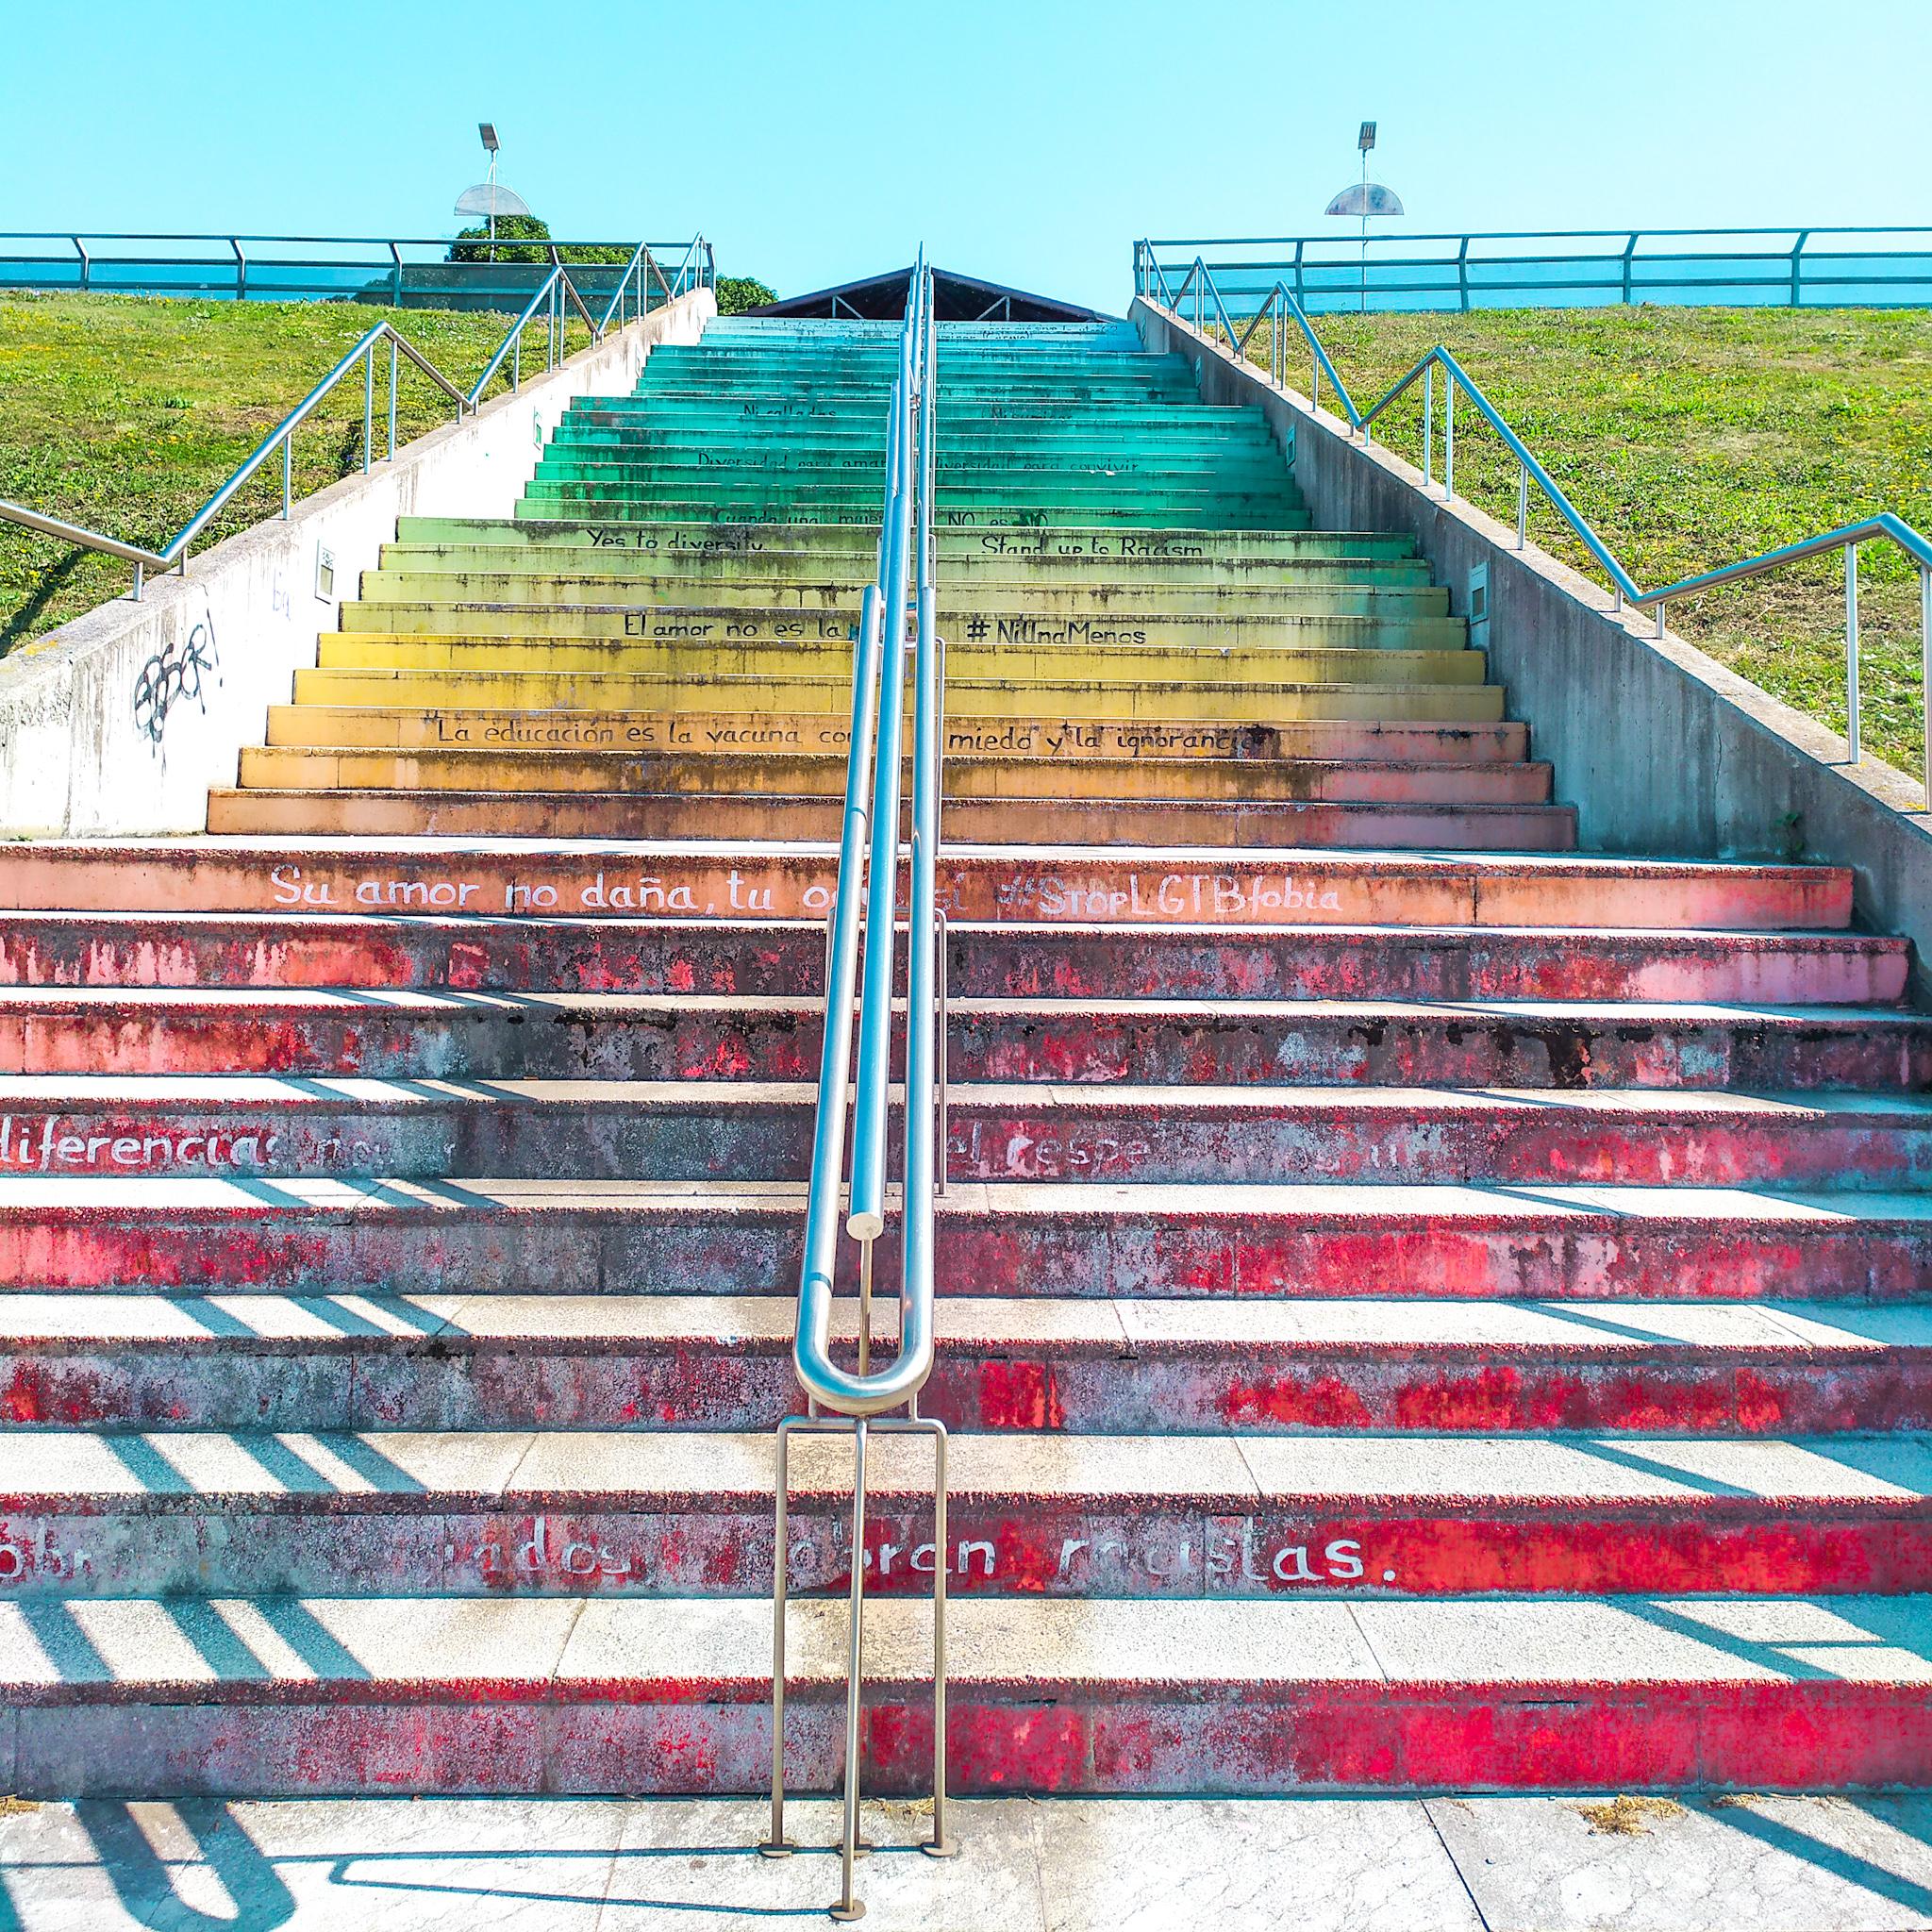 escaleras contra el maltrato, barrio de cimadeviila